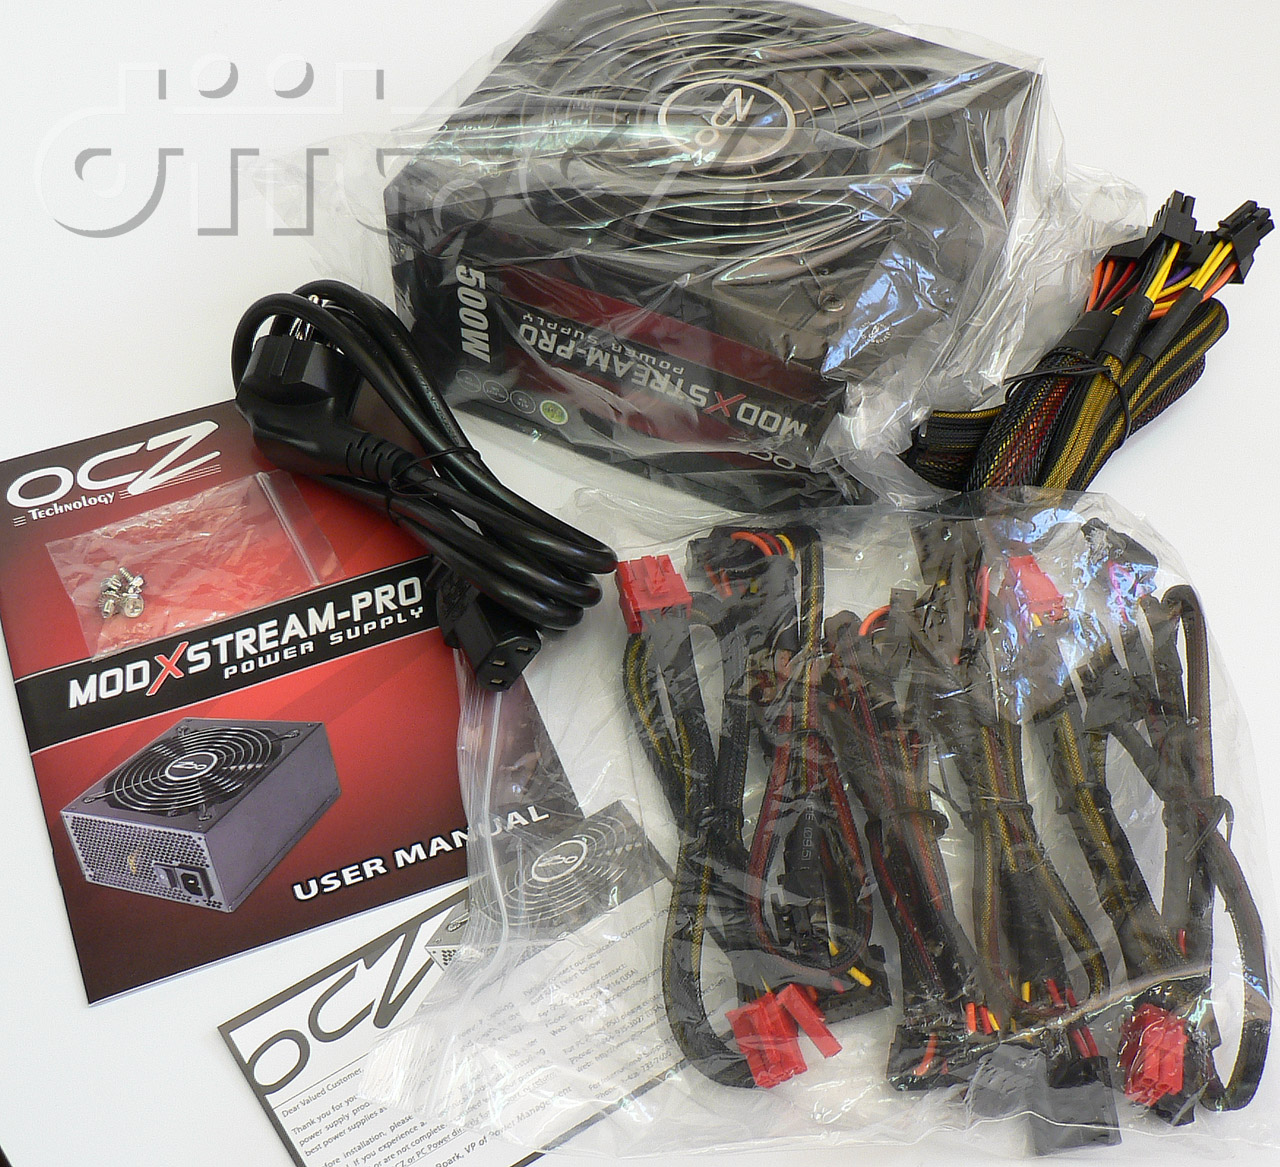 ocz modxstream pro 700w manual